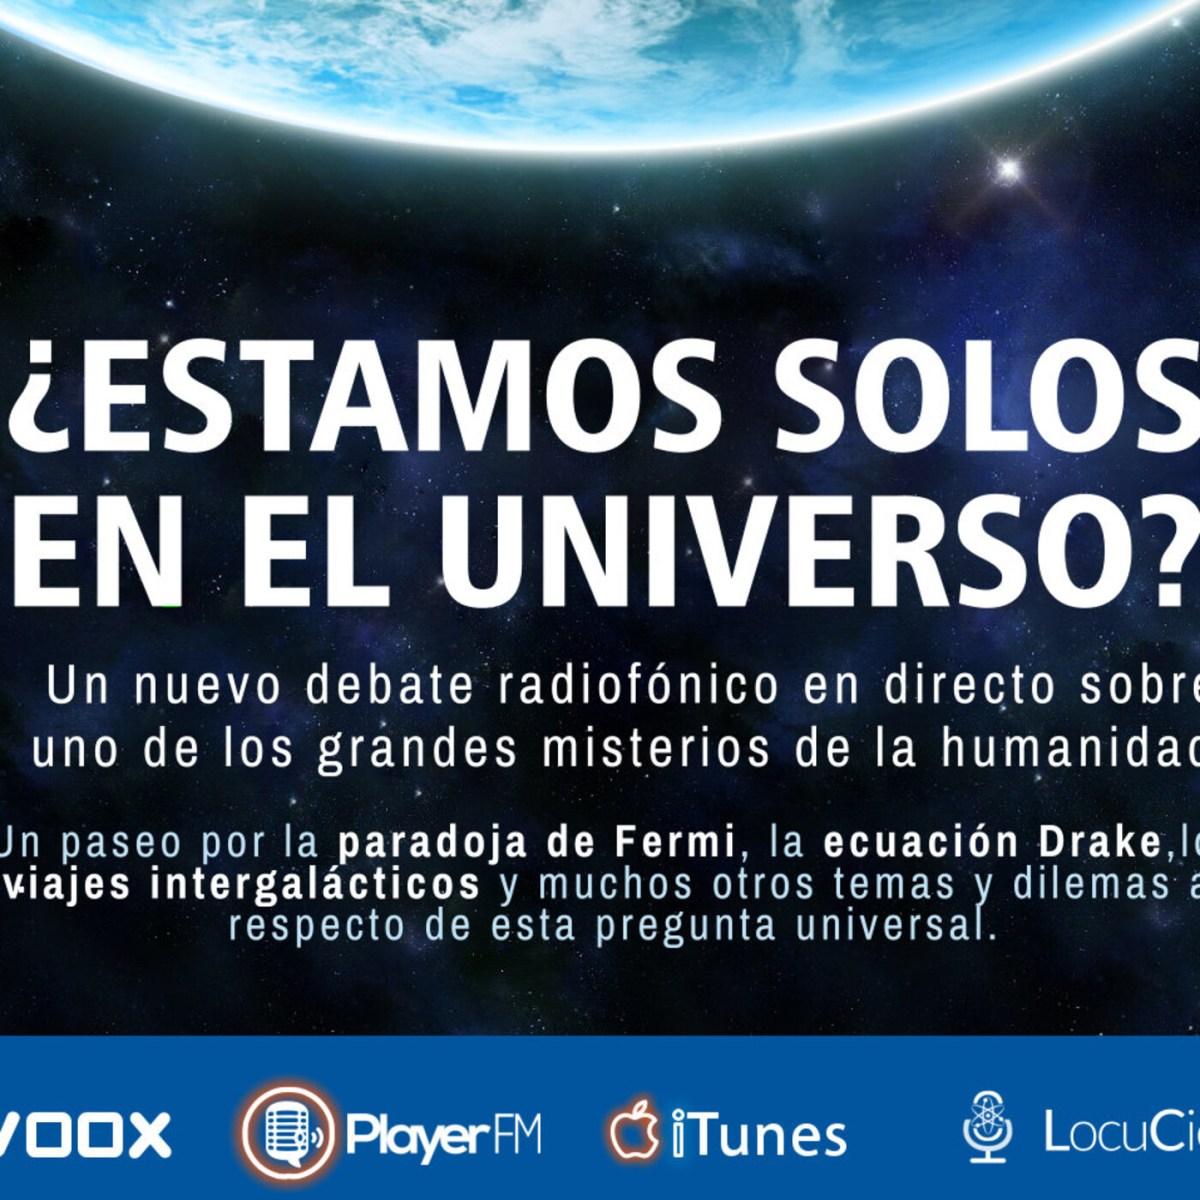 ¿Existen los extraterrestres? ¿Hay vida en otros planetas? -Drake Fermi SETI- Planeta- Locuciencia